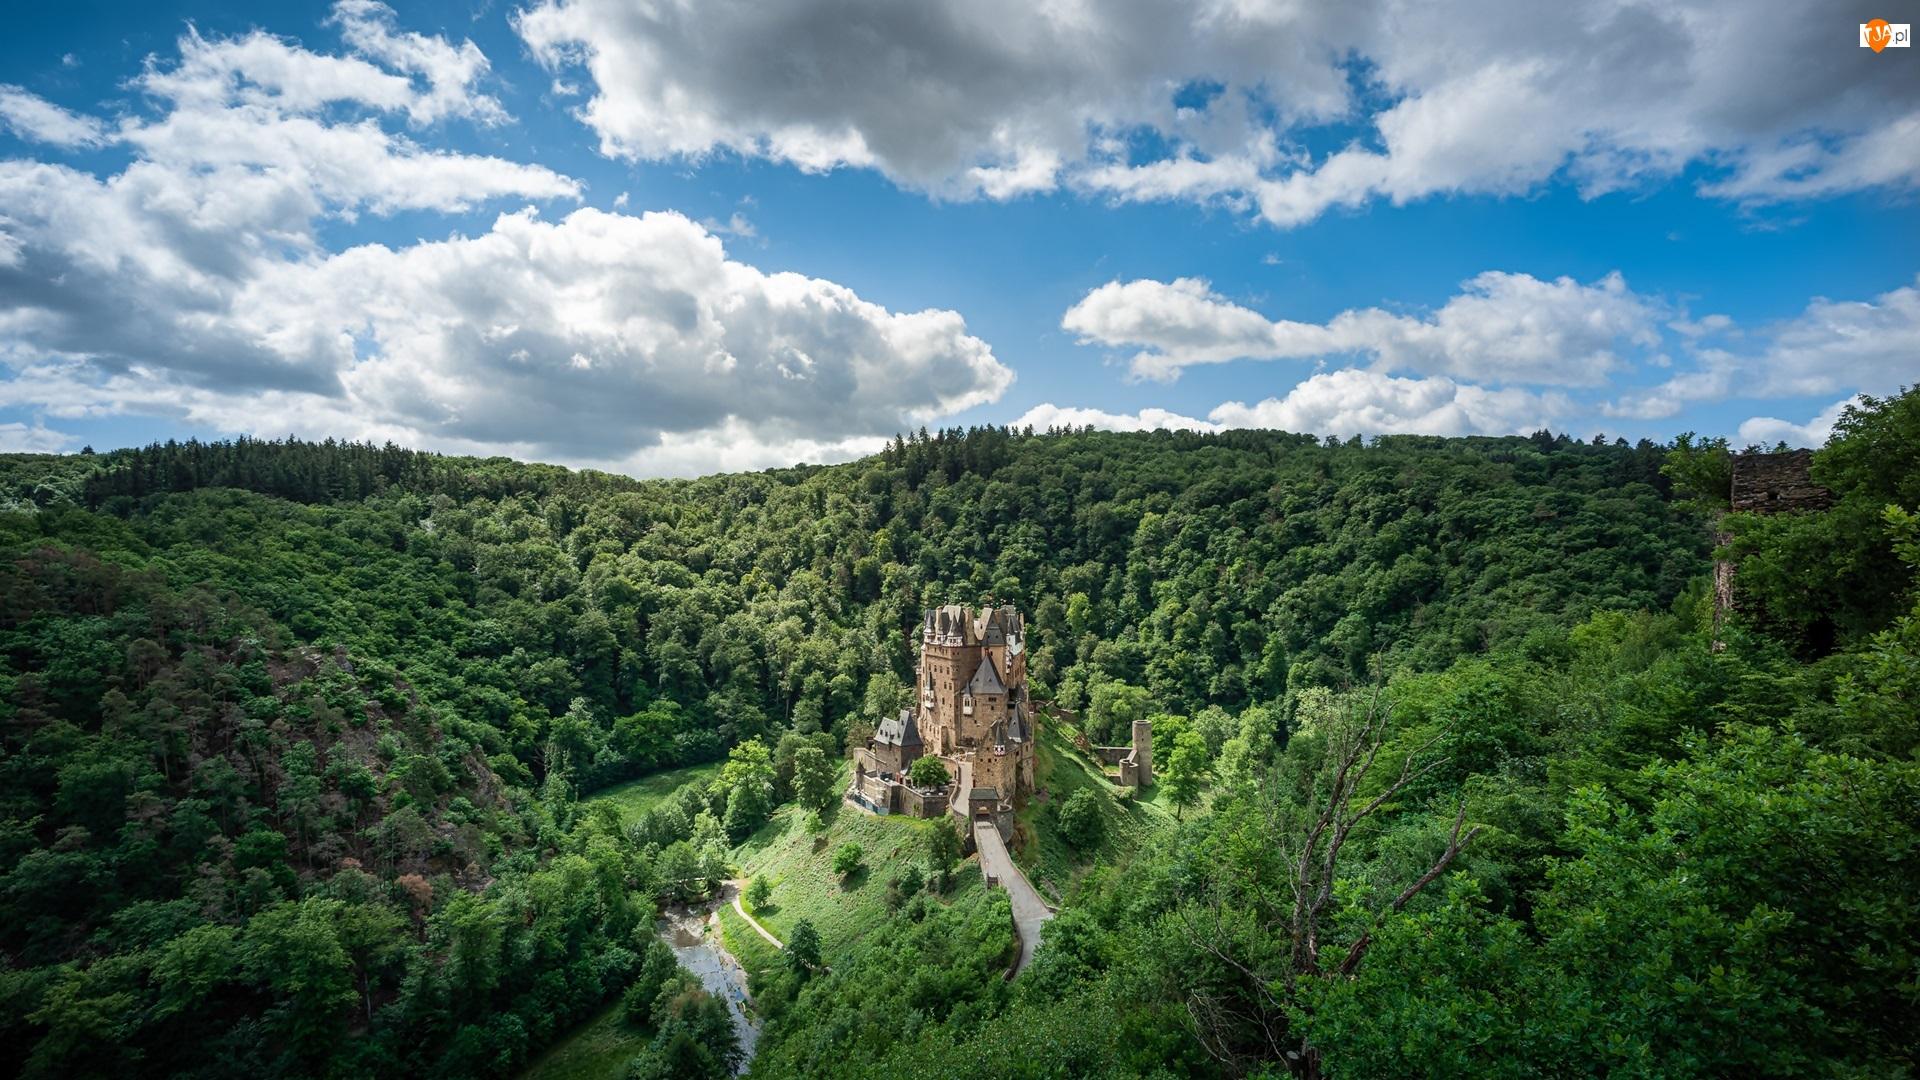 Drzewa, Las, Niemcy, Zamek Eltz, Nadrenia-Palatynat, Gmina Wierschem, Chmury